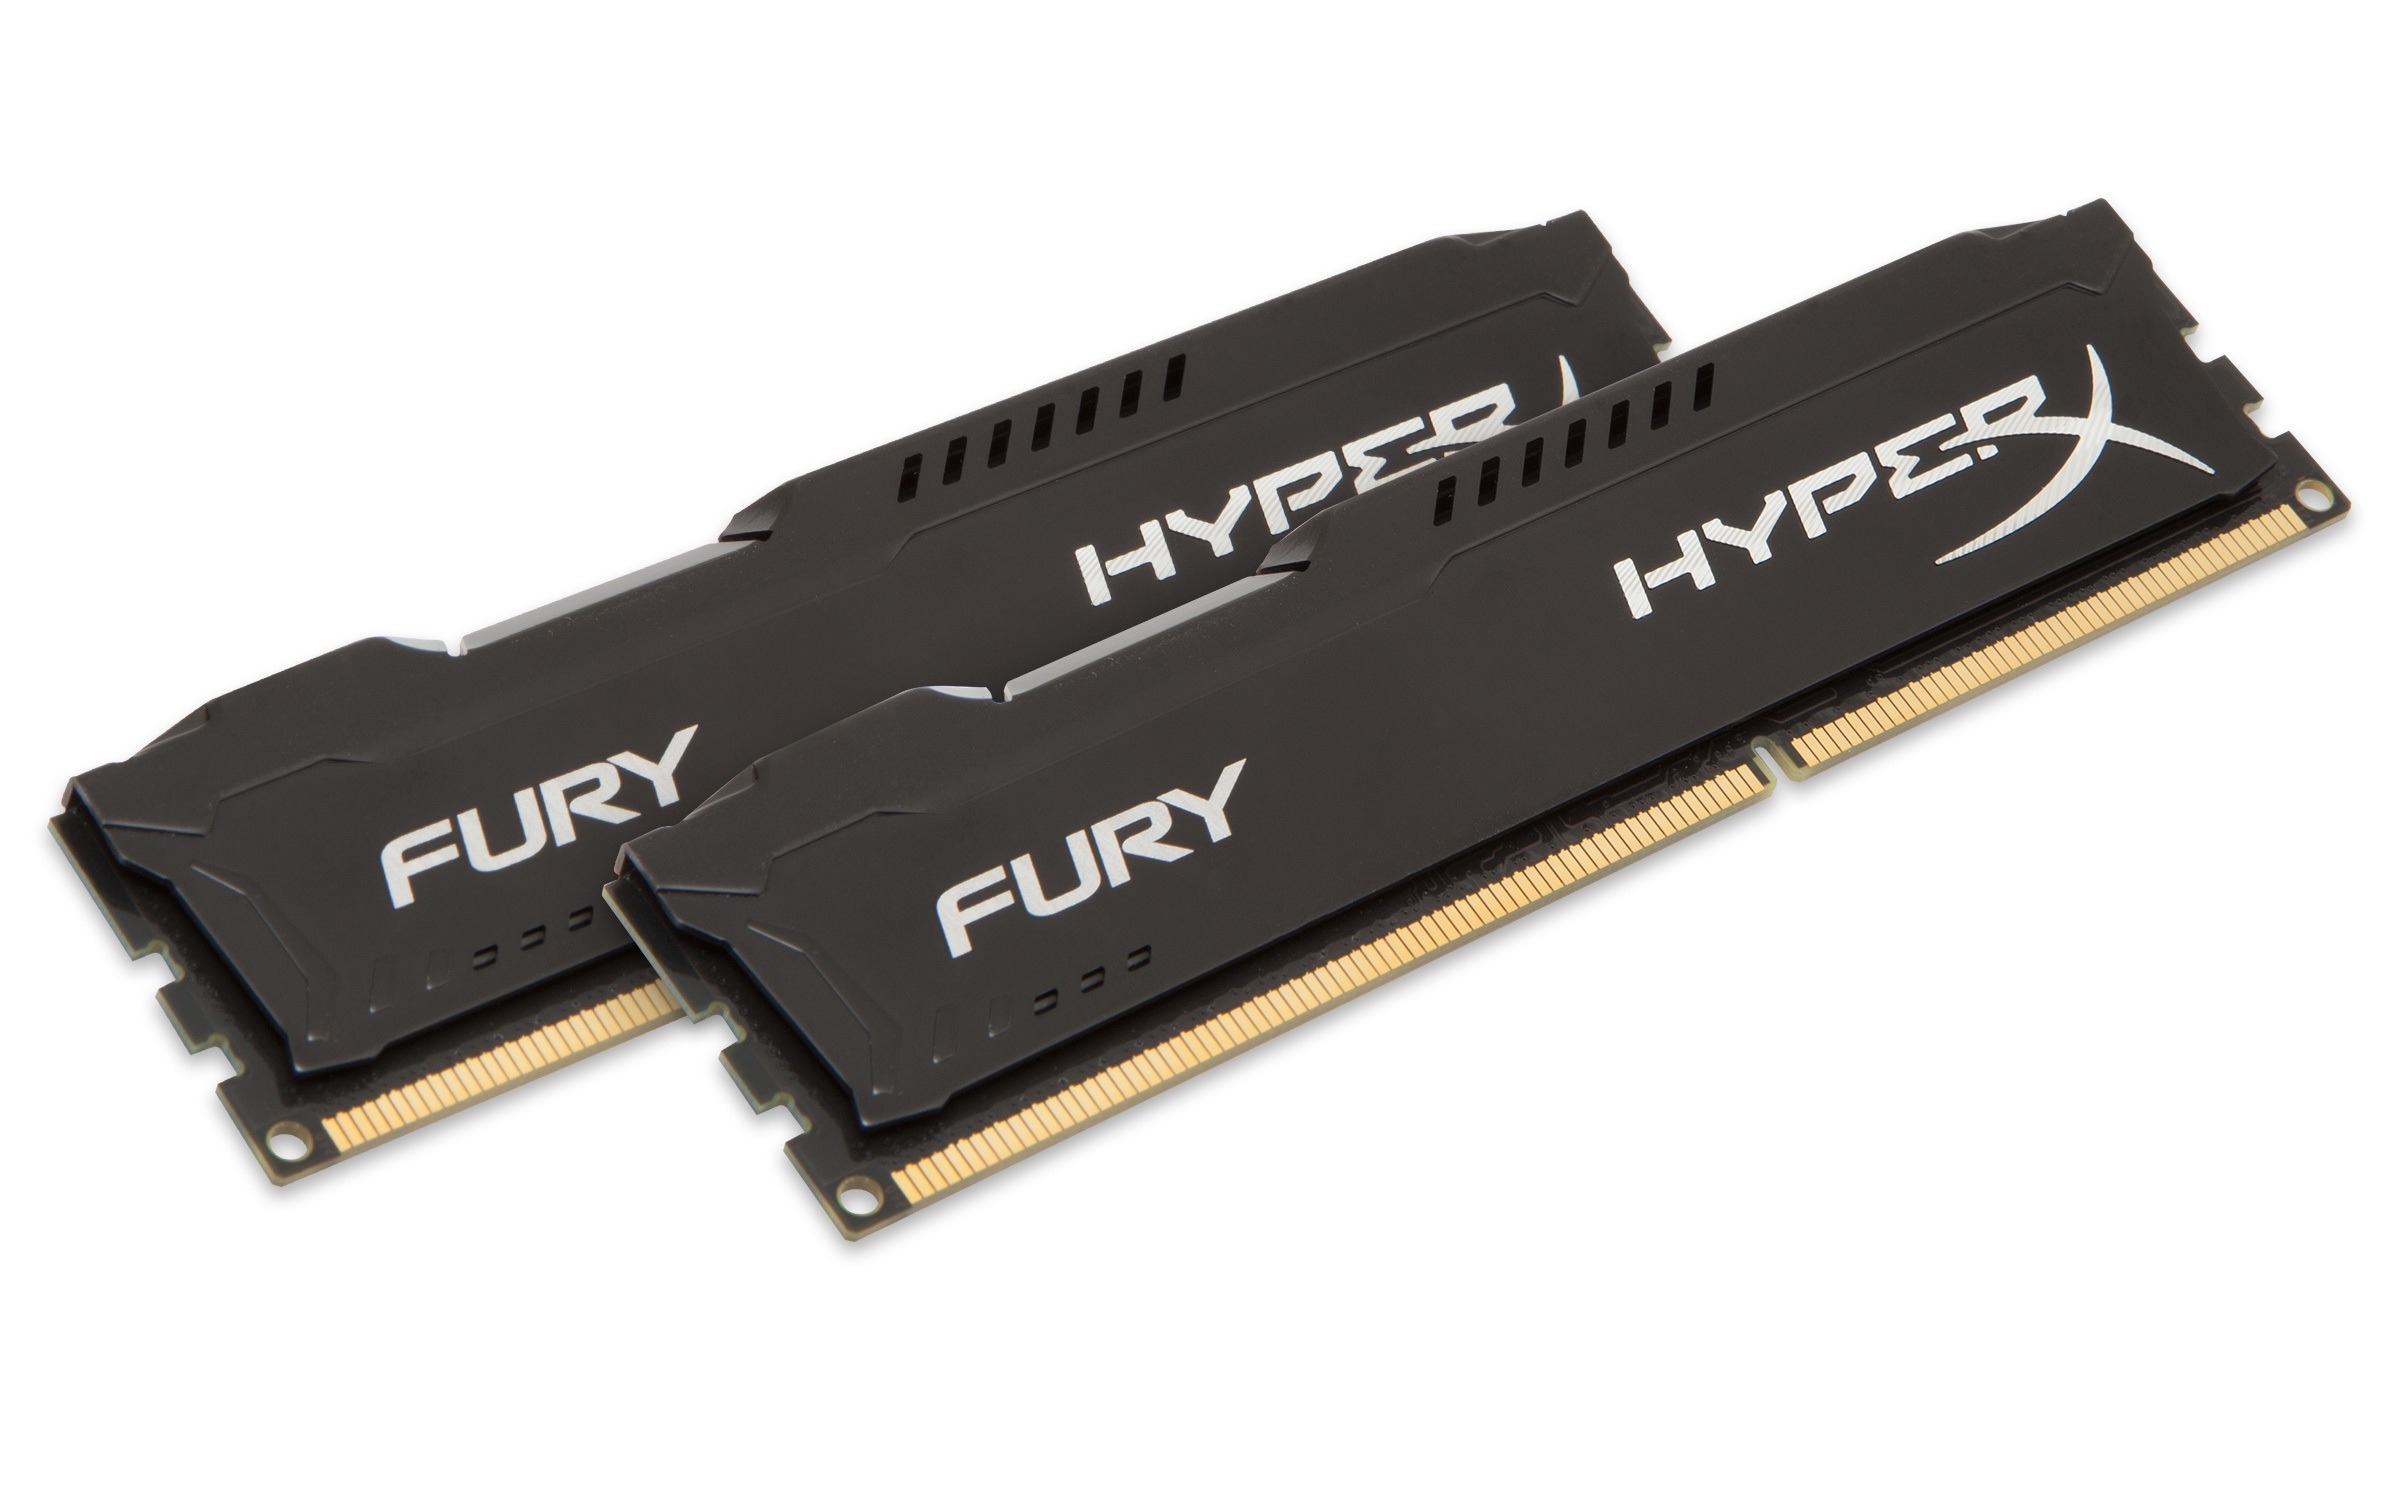 HyperX FURY Black 16GB 1866MHz DDR3 16GB DDR3 1866MHz memory module